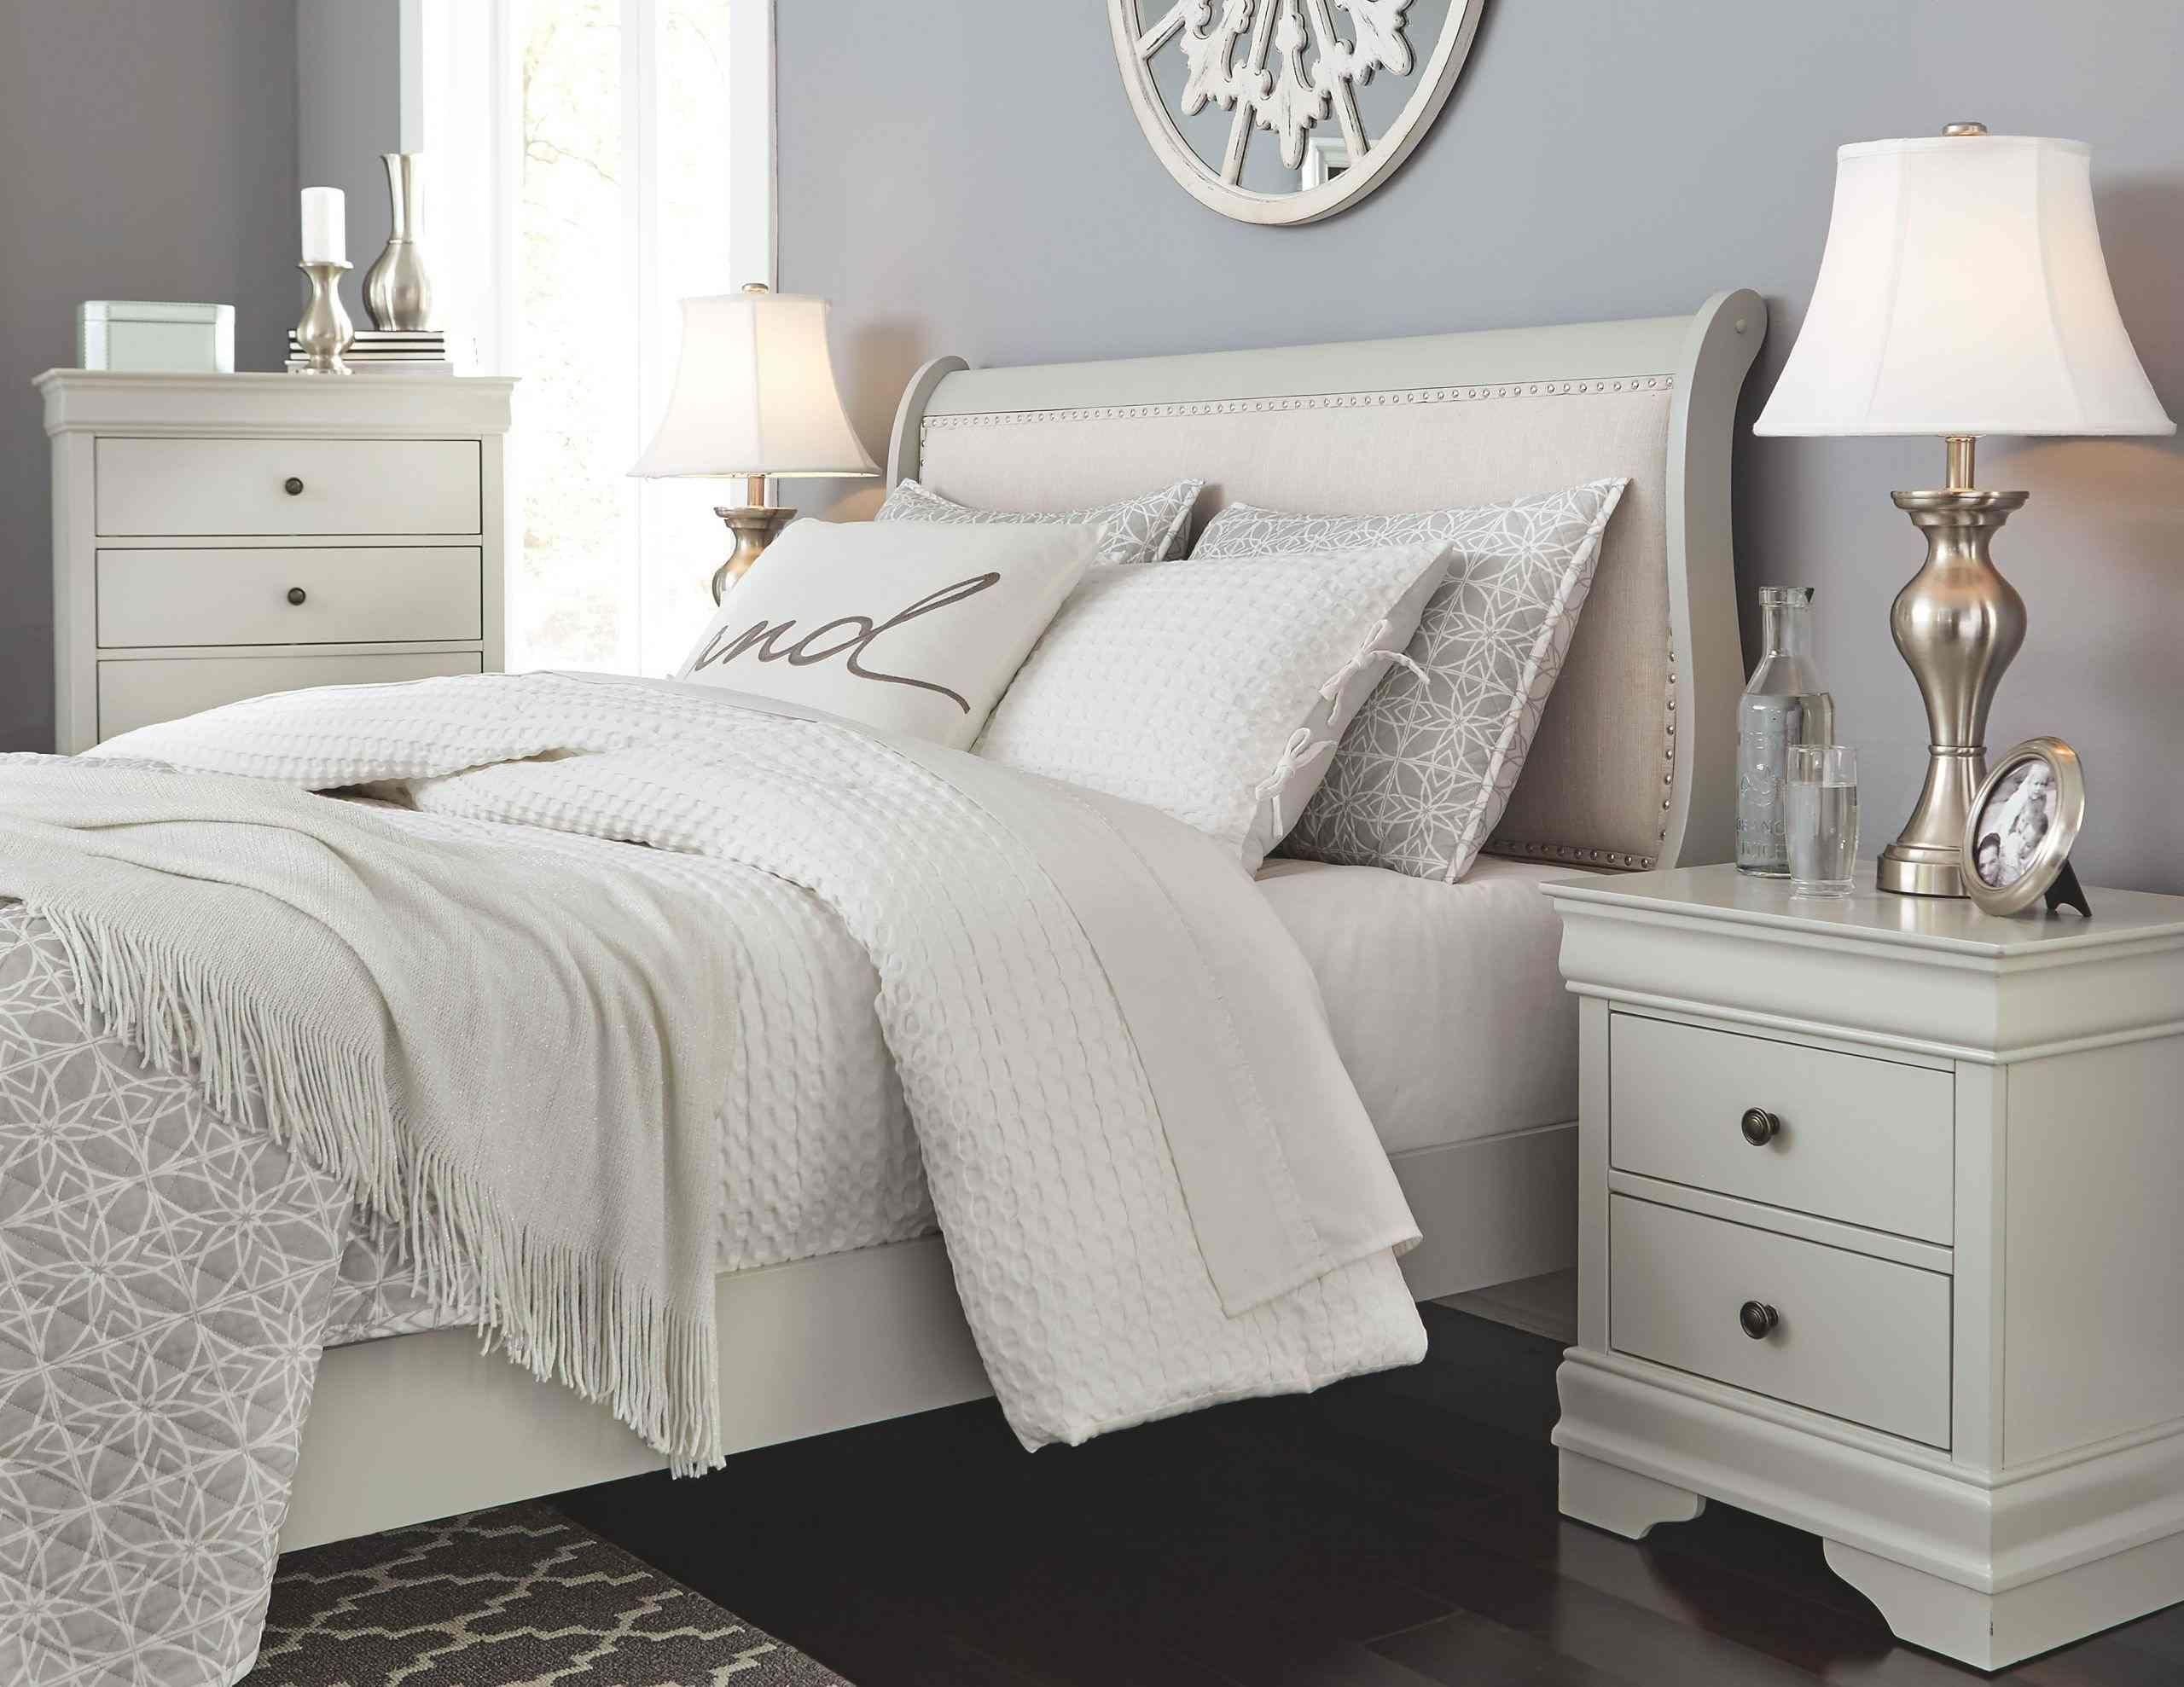 White Bedroom Furniture for Adults di 2020 (Dengan gambar)